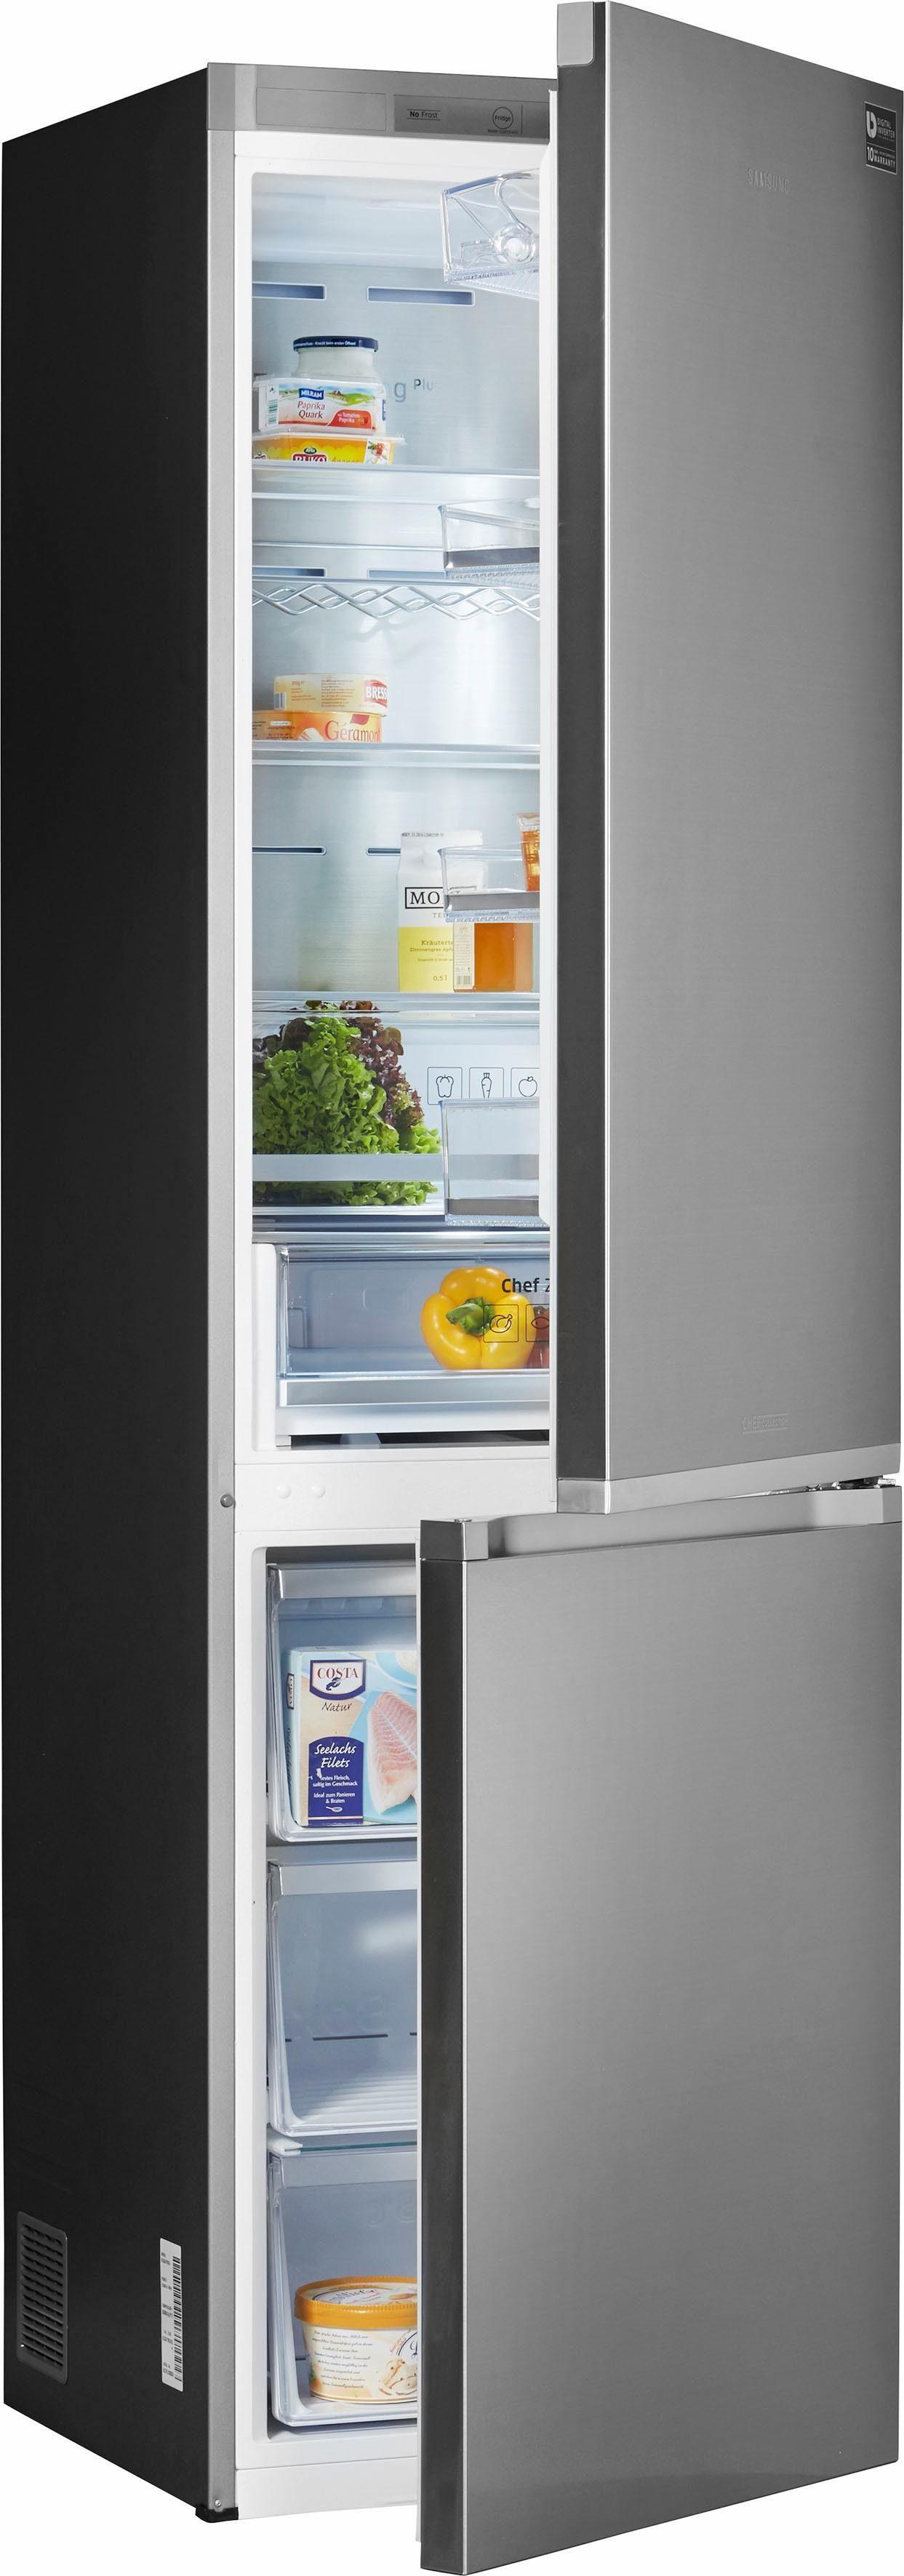 Samsung Kühl-Gefrierkombination RL36J8799S4/EG, Energieklasse A+++, 201 cm hoch, NoFrost